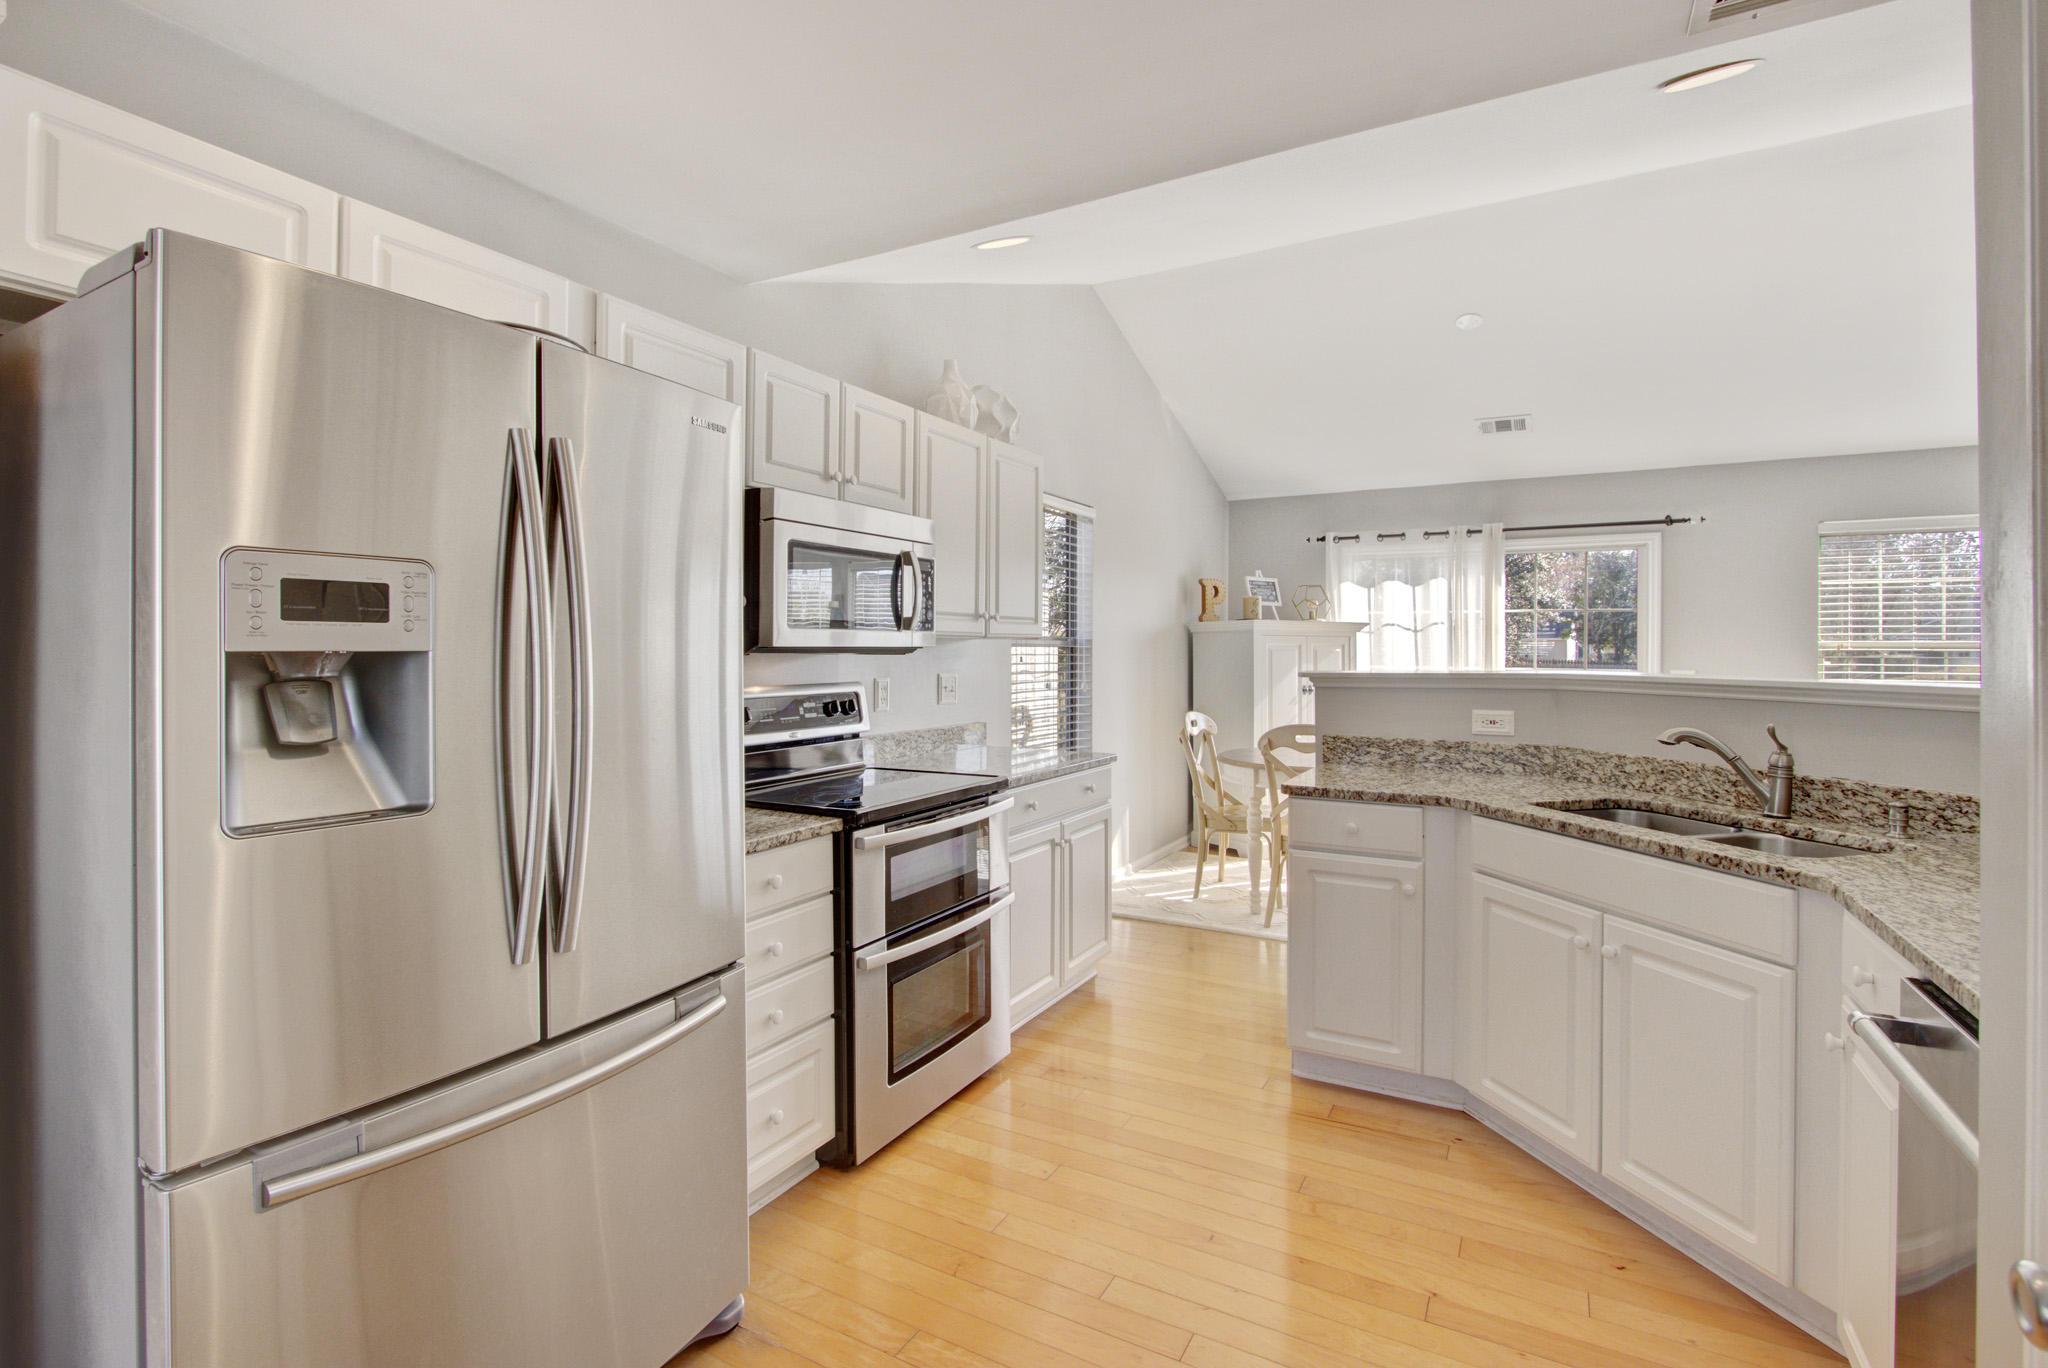 Dunes West Homes For Sale - 1425 Water Oak Cut, Mount Pleasant, SC - 16